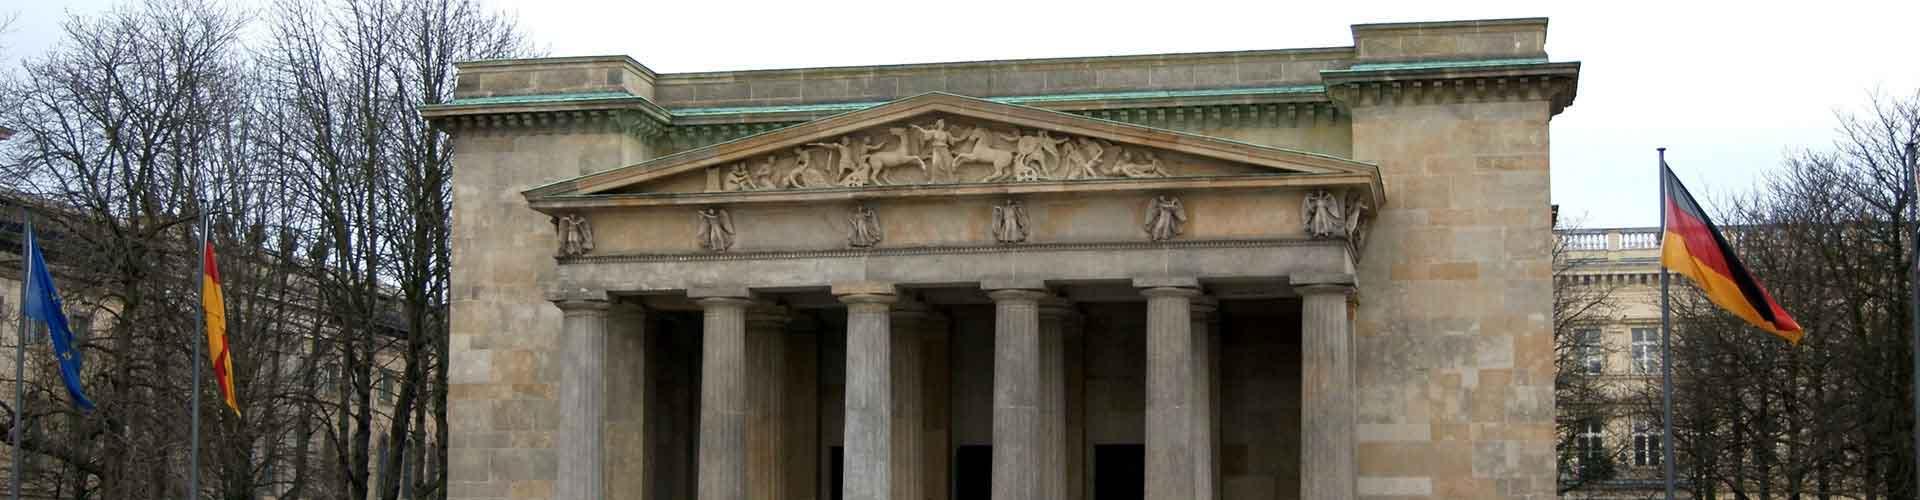 Berlim – Hostels próximos a Neue Wache e Zeughaus. Mapas para Berlim, Fotos e Avaliações para cada Hostel em Berlim.